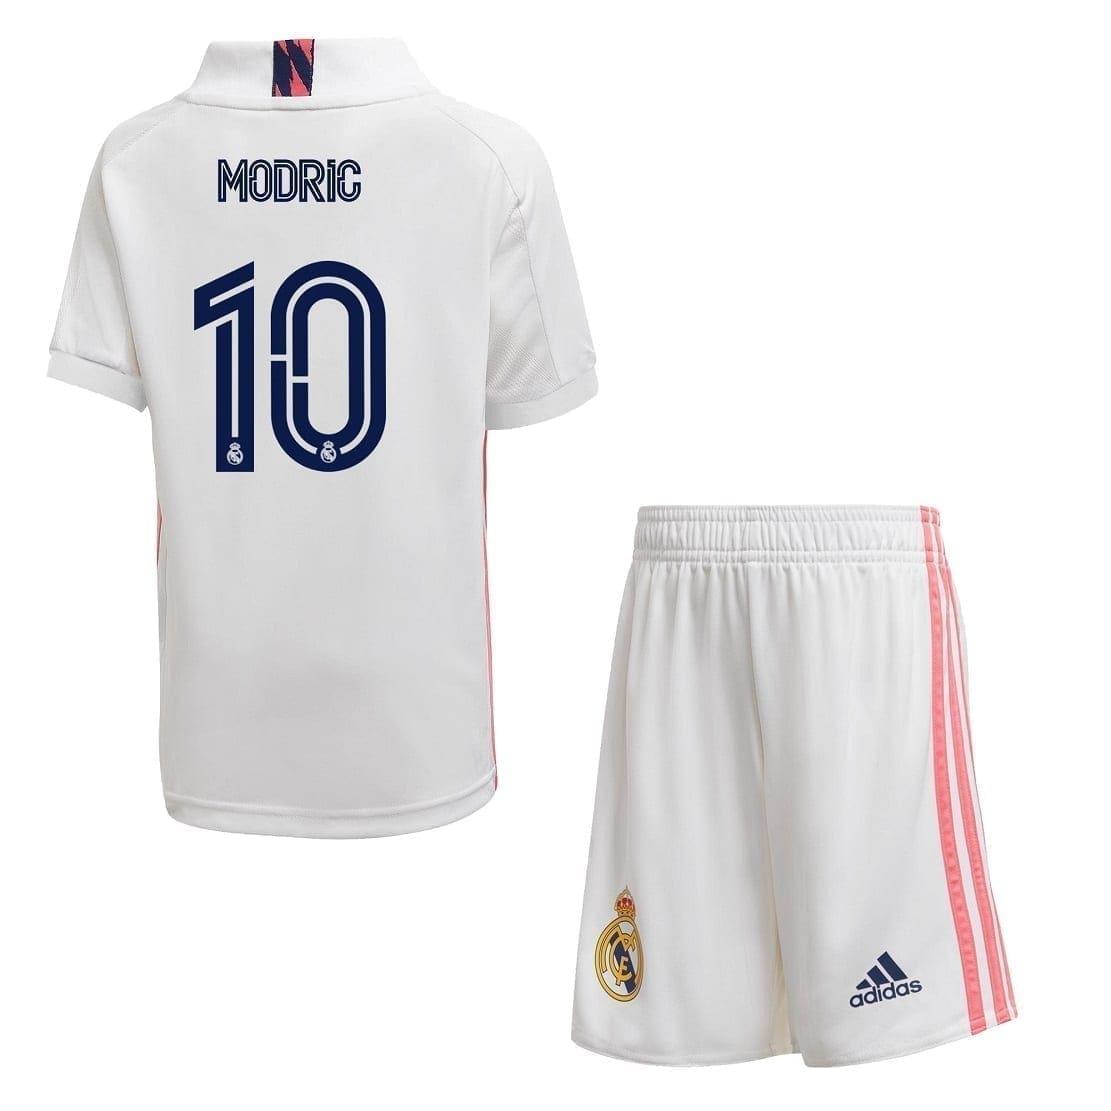 Детская форма Реал Мадрид 2021 Модрич